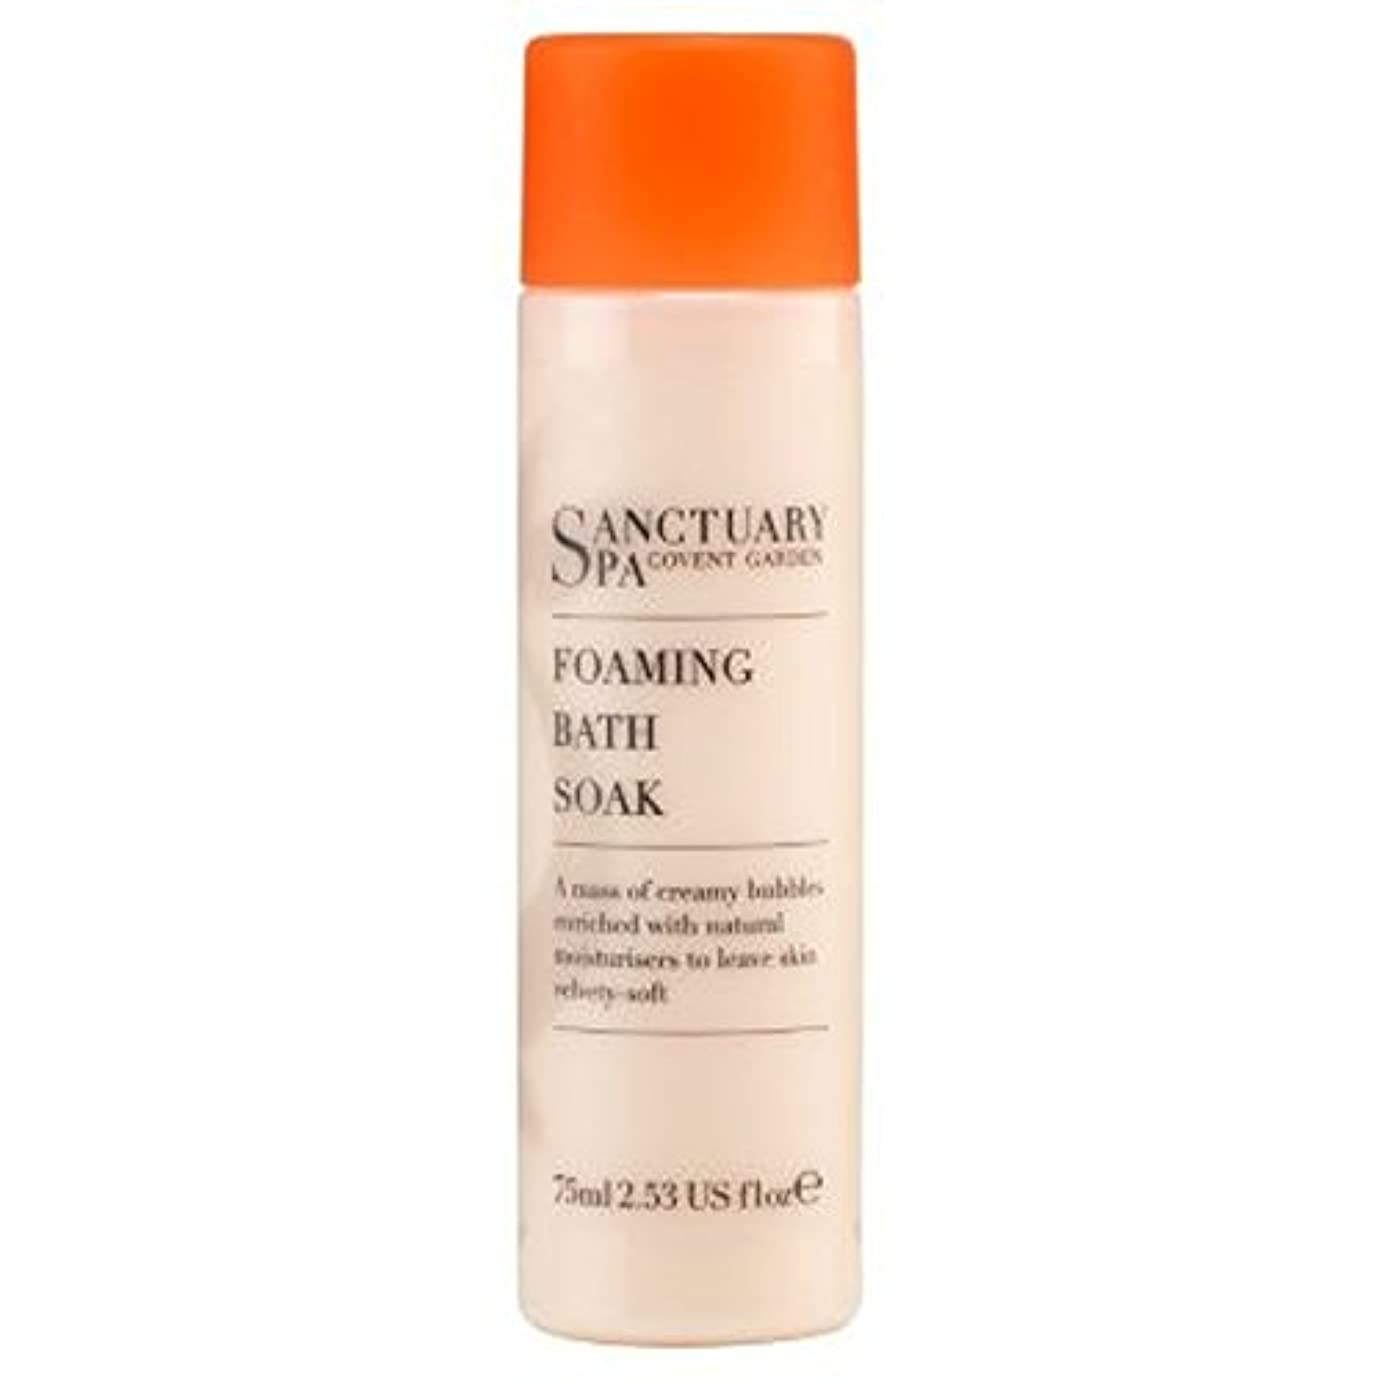 窓を洗うインポート支援聖域ミニ75ミリリットルを浸し風呂発泡 (Sanctuary) (x2) - Sanctuary mini Foaming Bath Soak 75ml (Pack of 2) [並行輸入品]